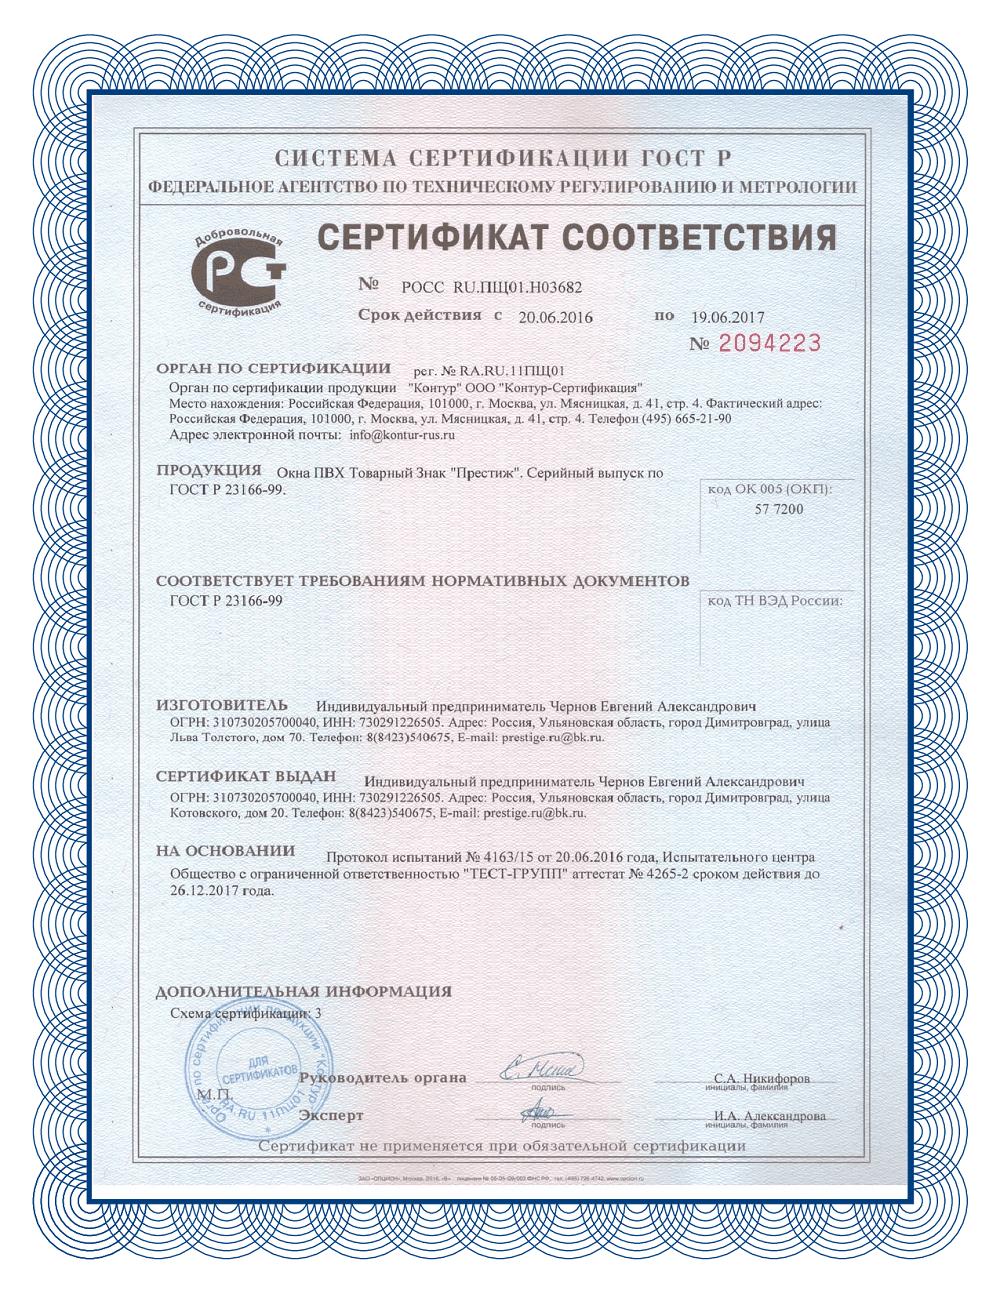 Сертификат соответствия пластиковые окна ГОСТ